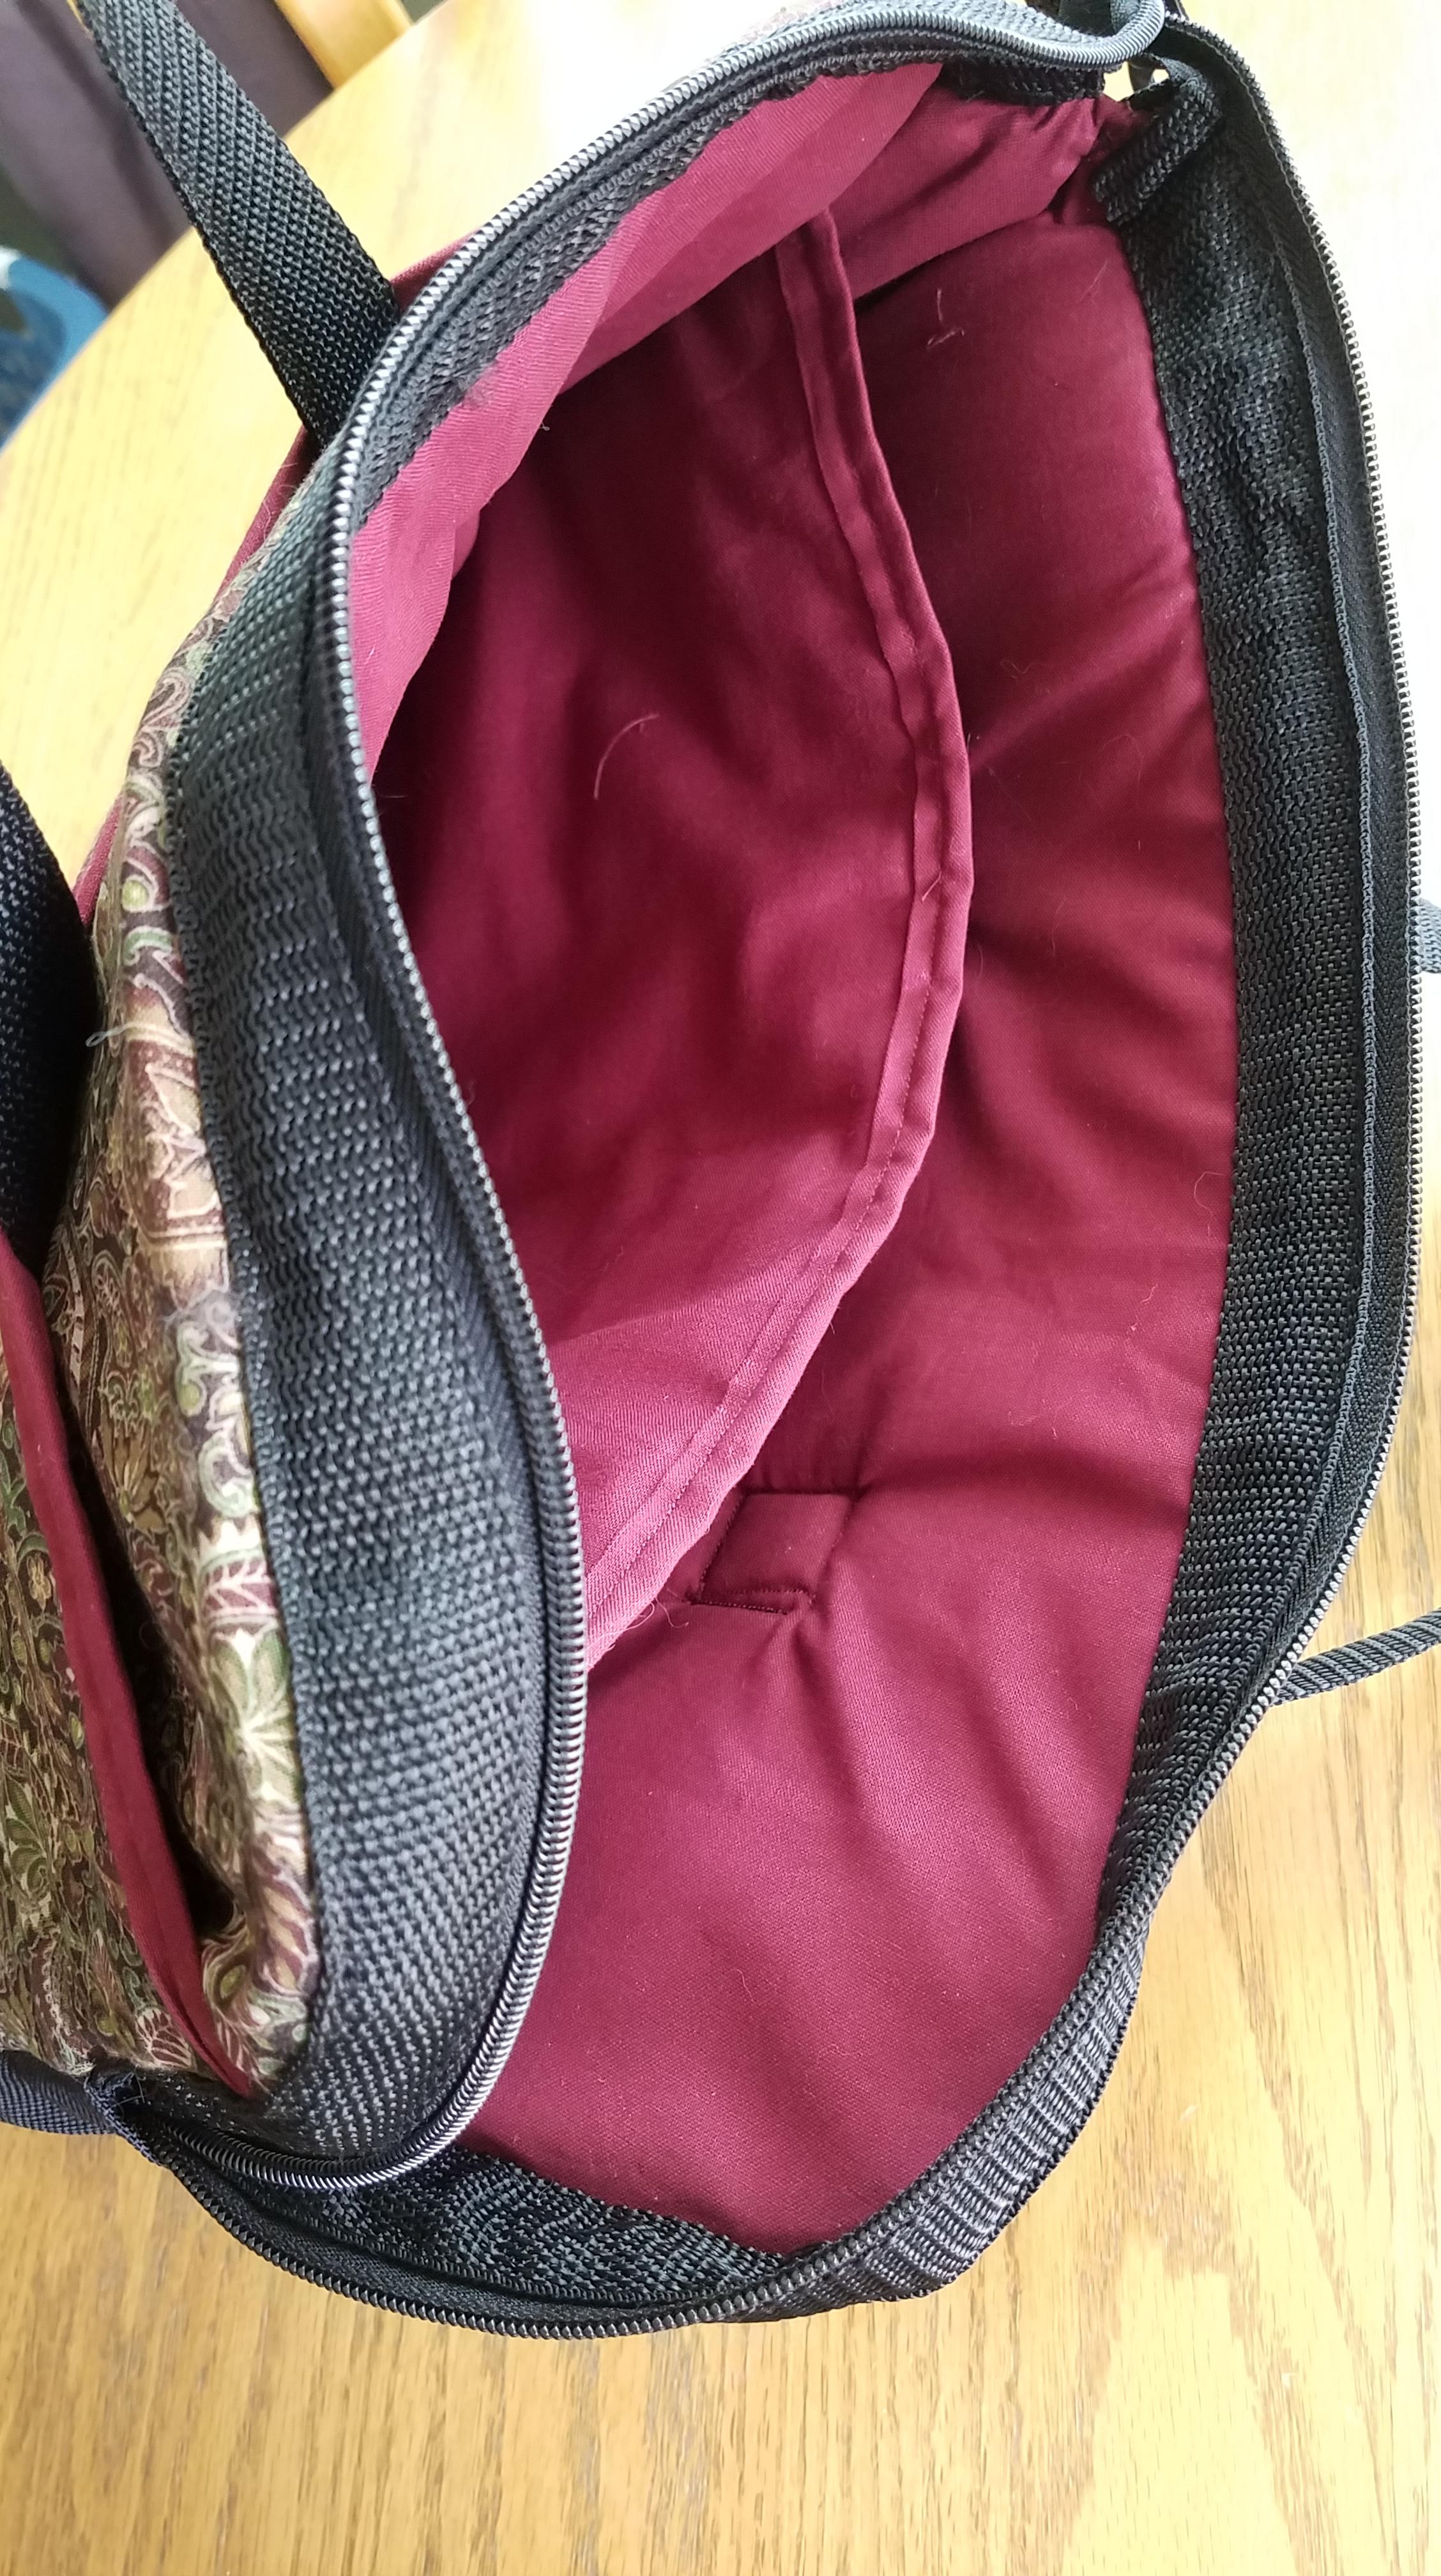 Laptop Bag: Finished Inside